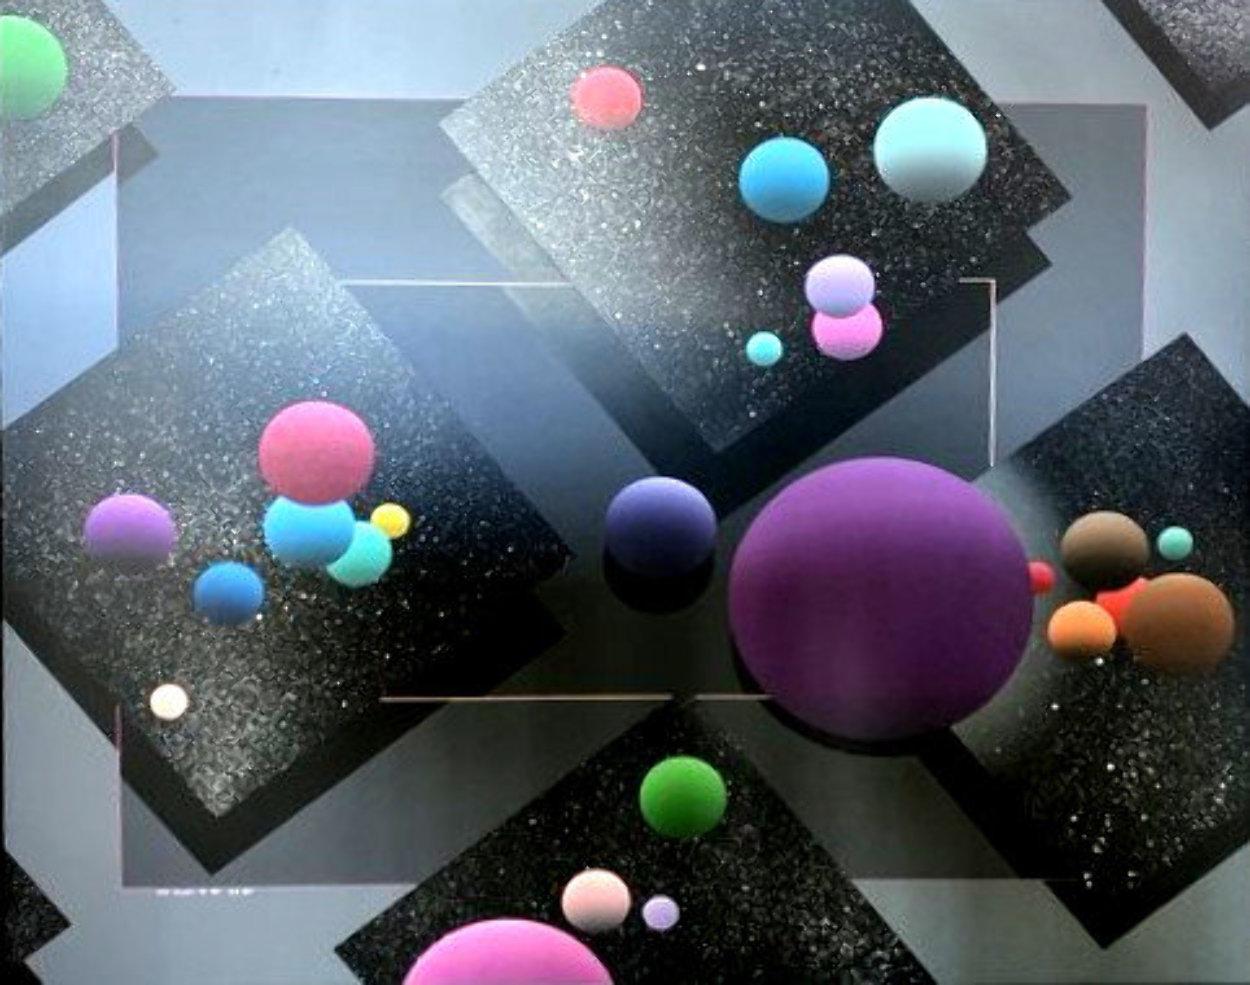 Spacescape 1989 40x36  Huge Original Painting by Stan Solomon